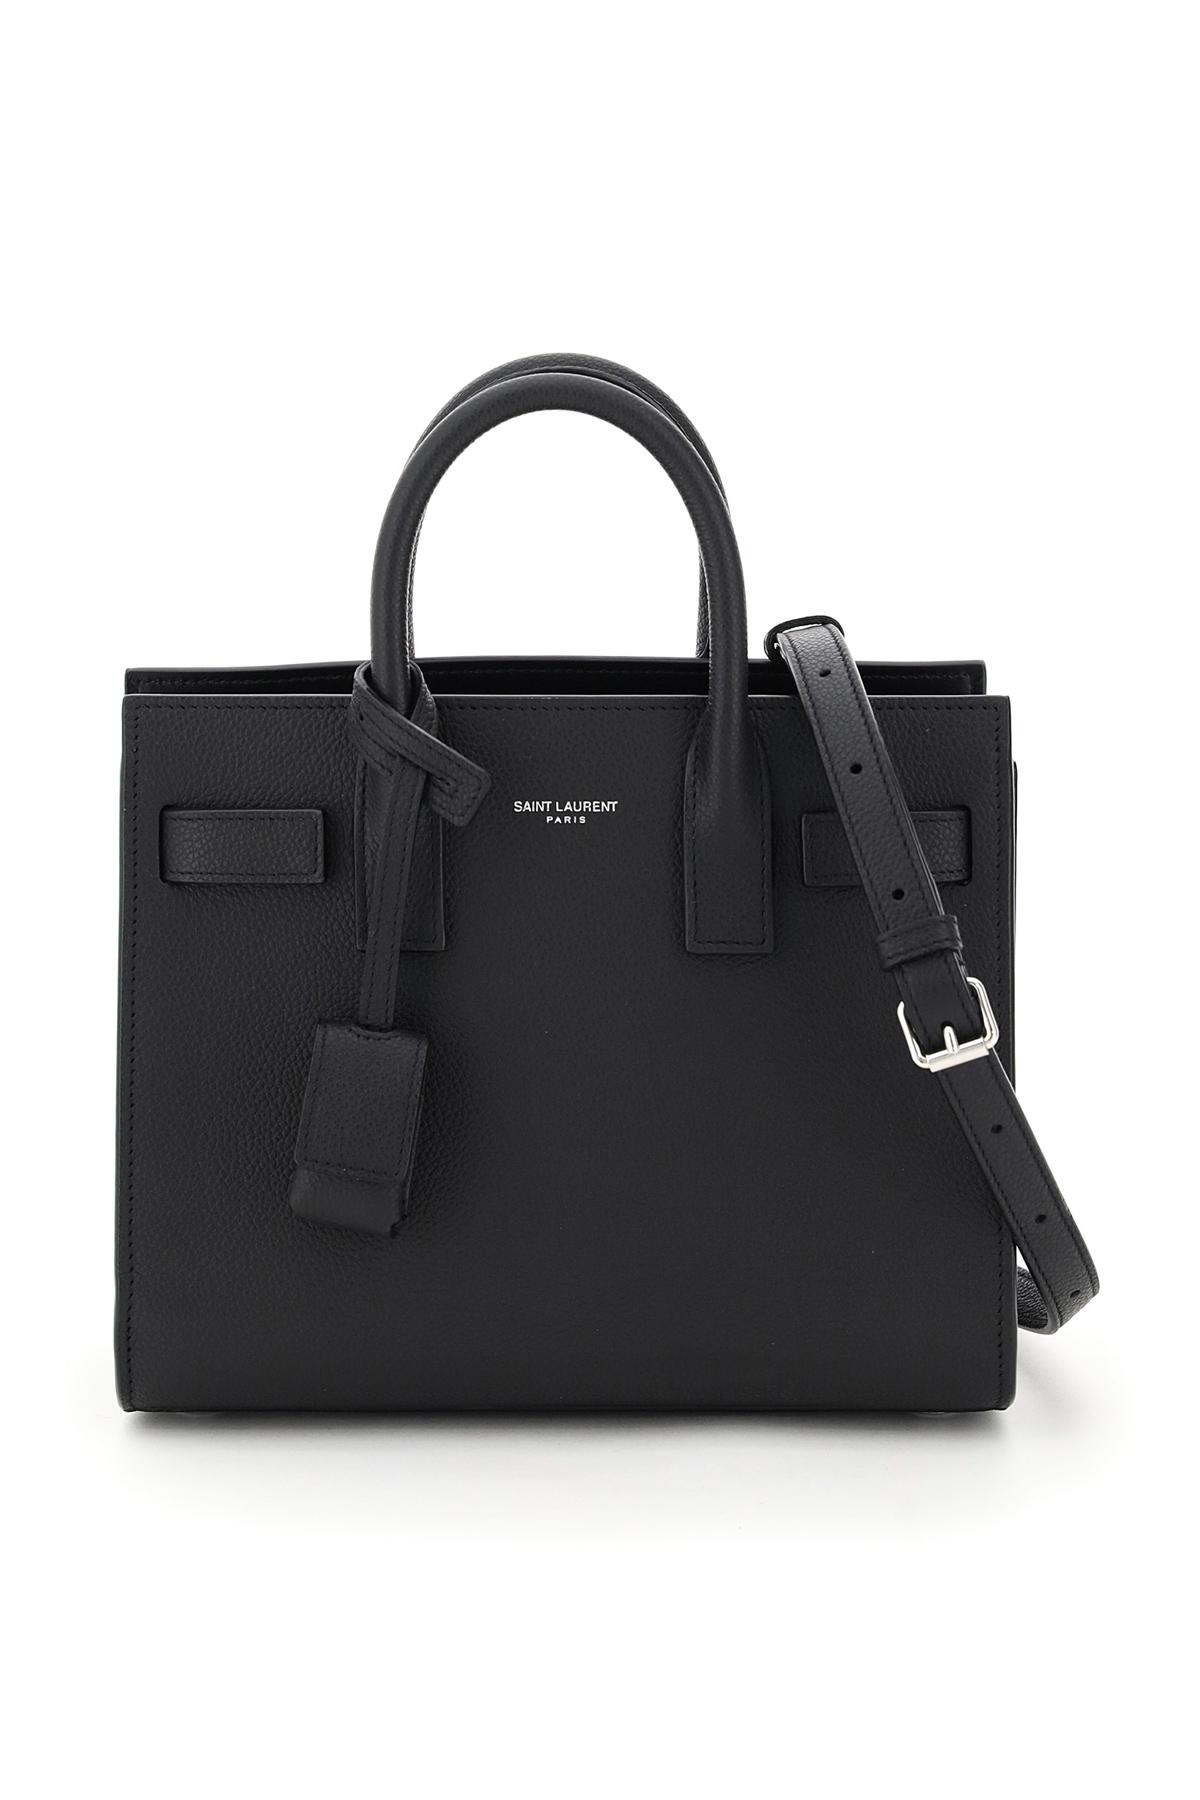 SAINT LAURENT NANO SAC DE JOUR BAG OS Black Leather